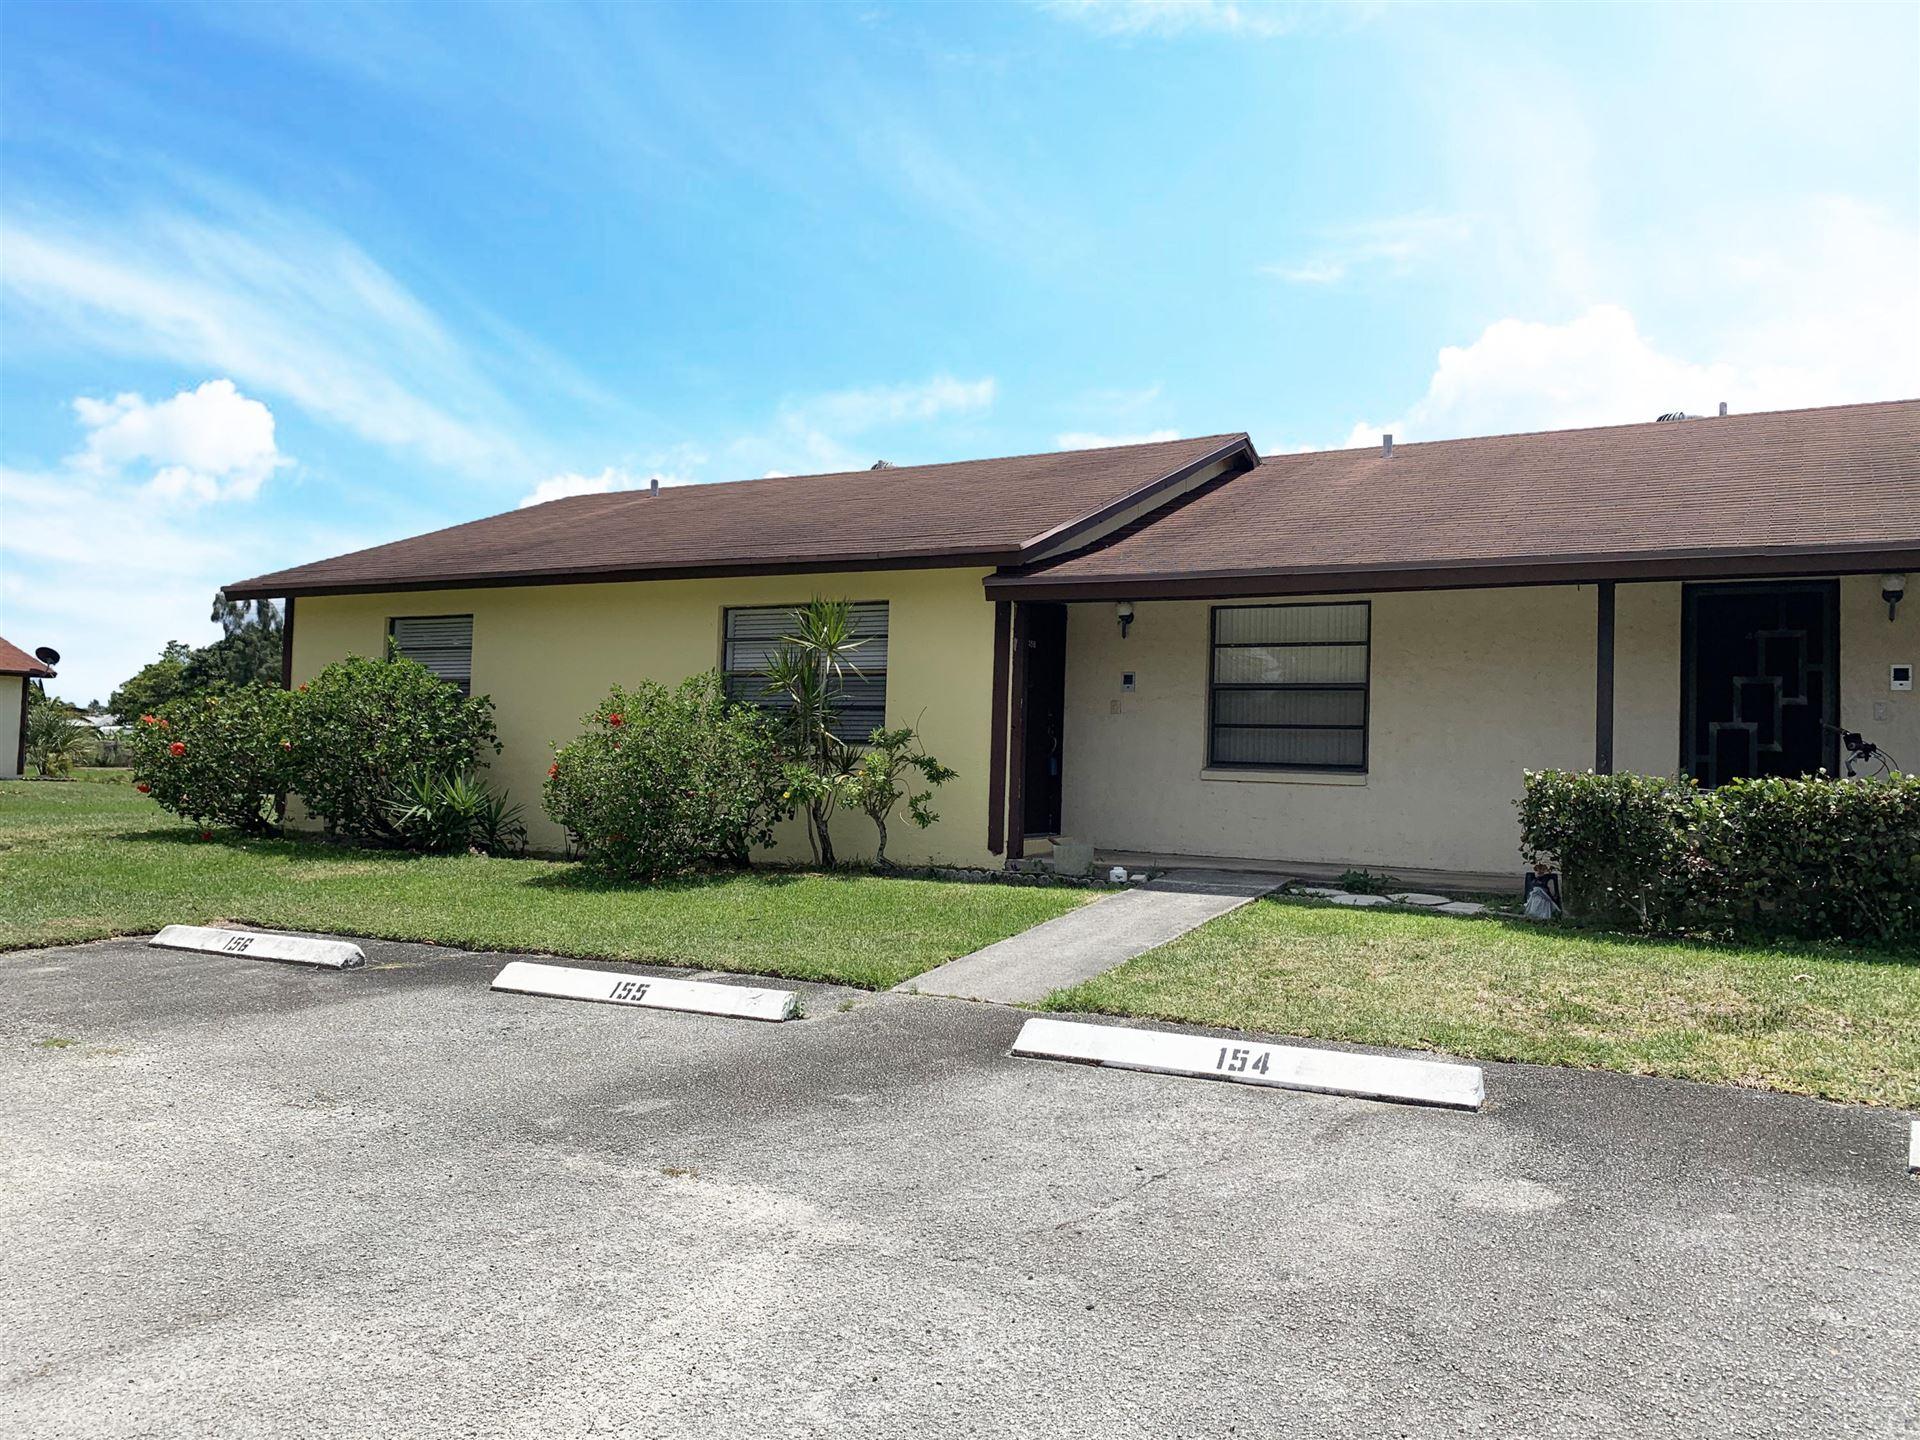 456 Glenwood Drive, West Palm Beach, FL 33415 - #: RX-10620838